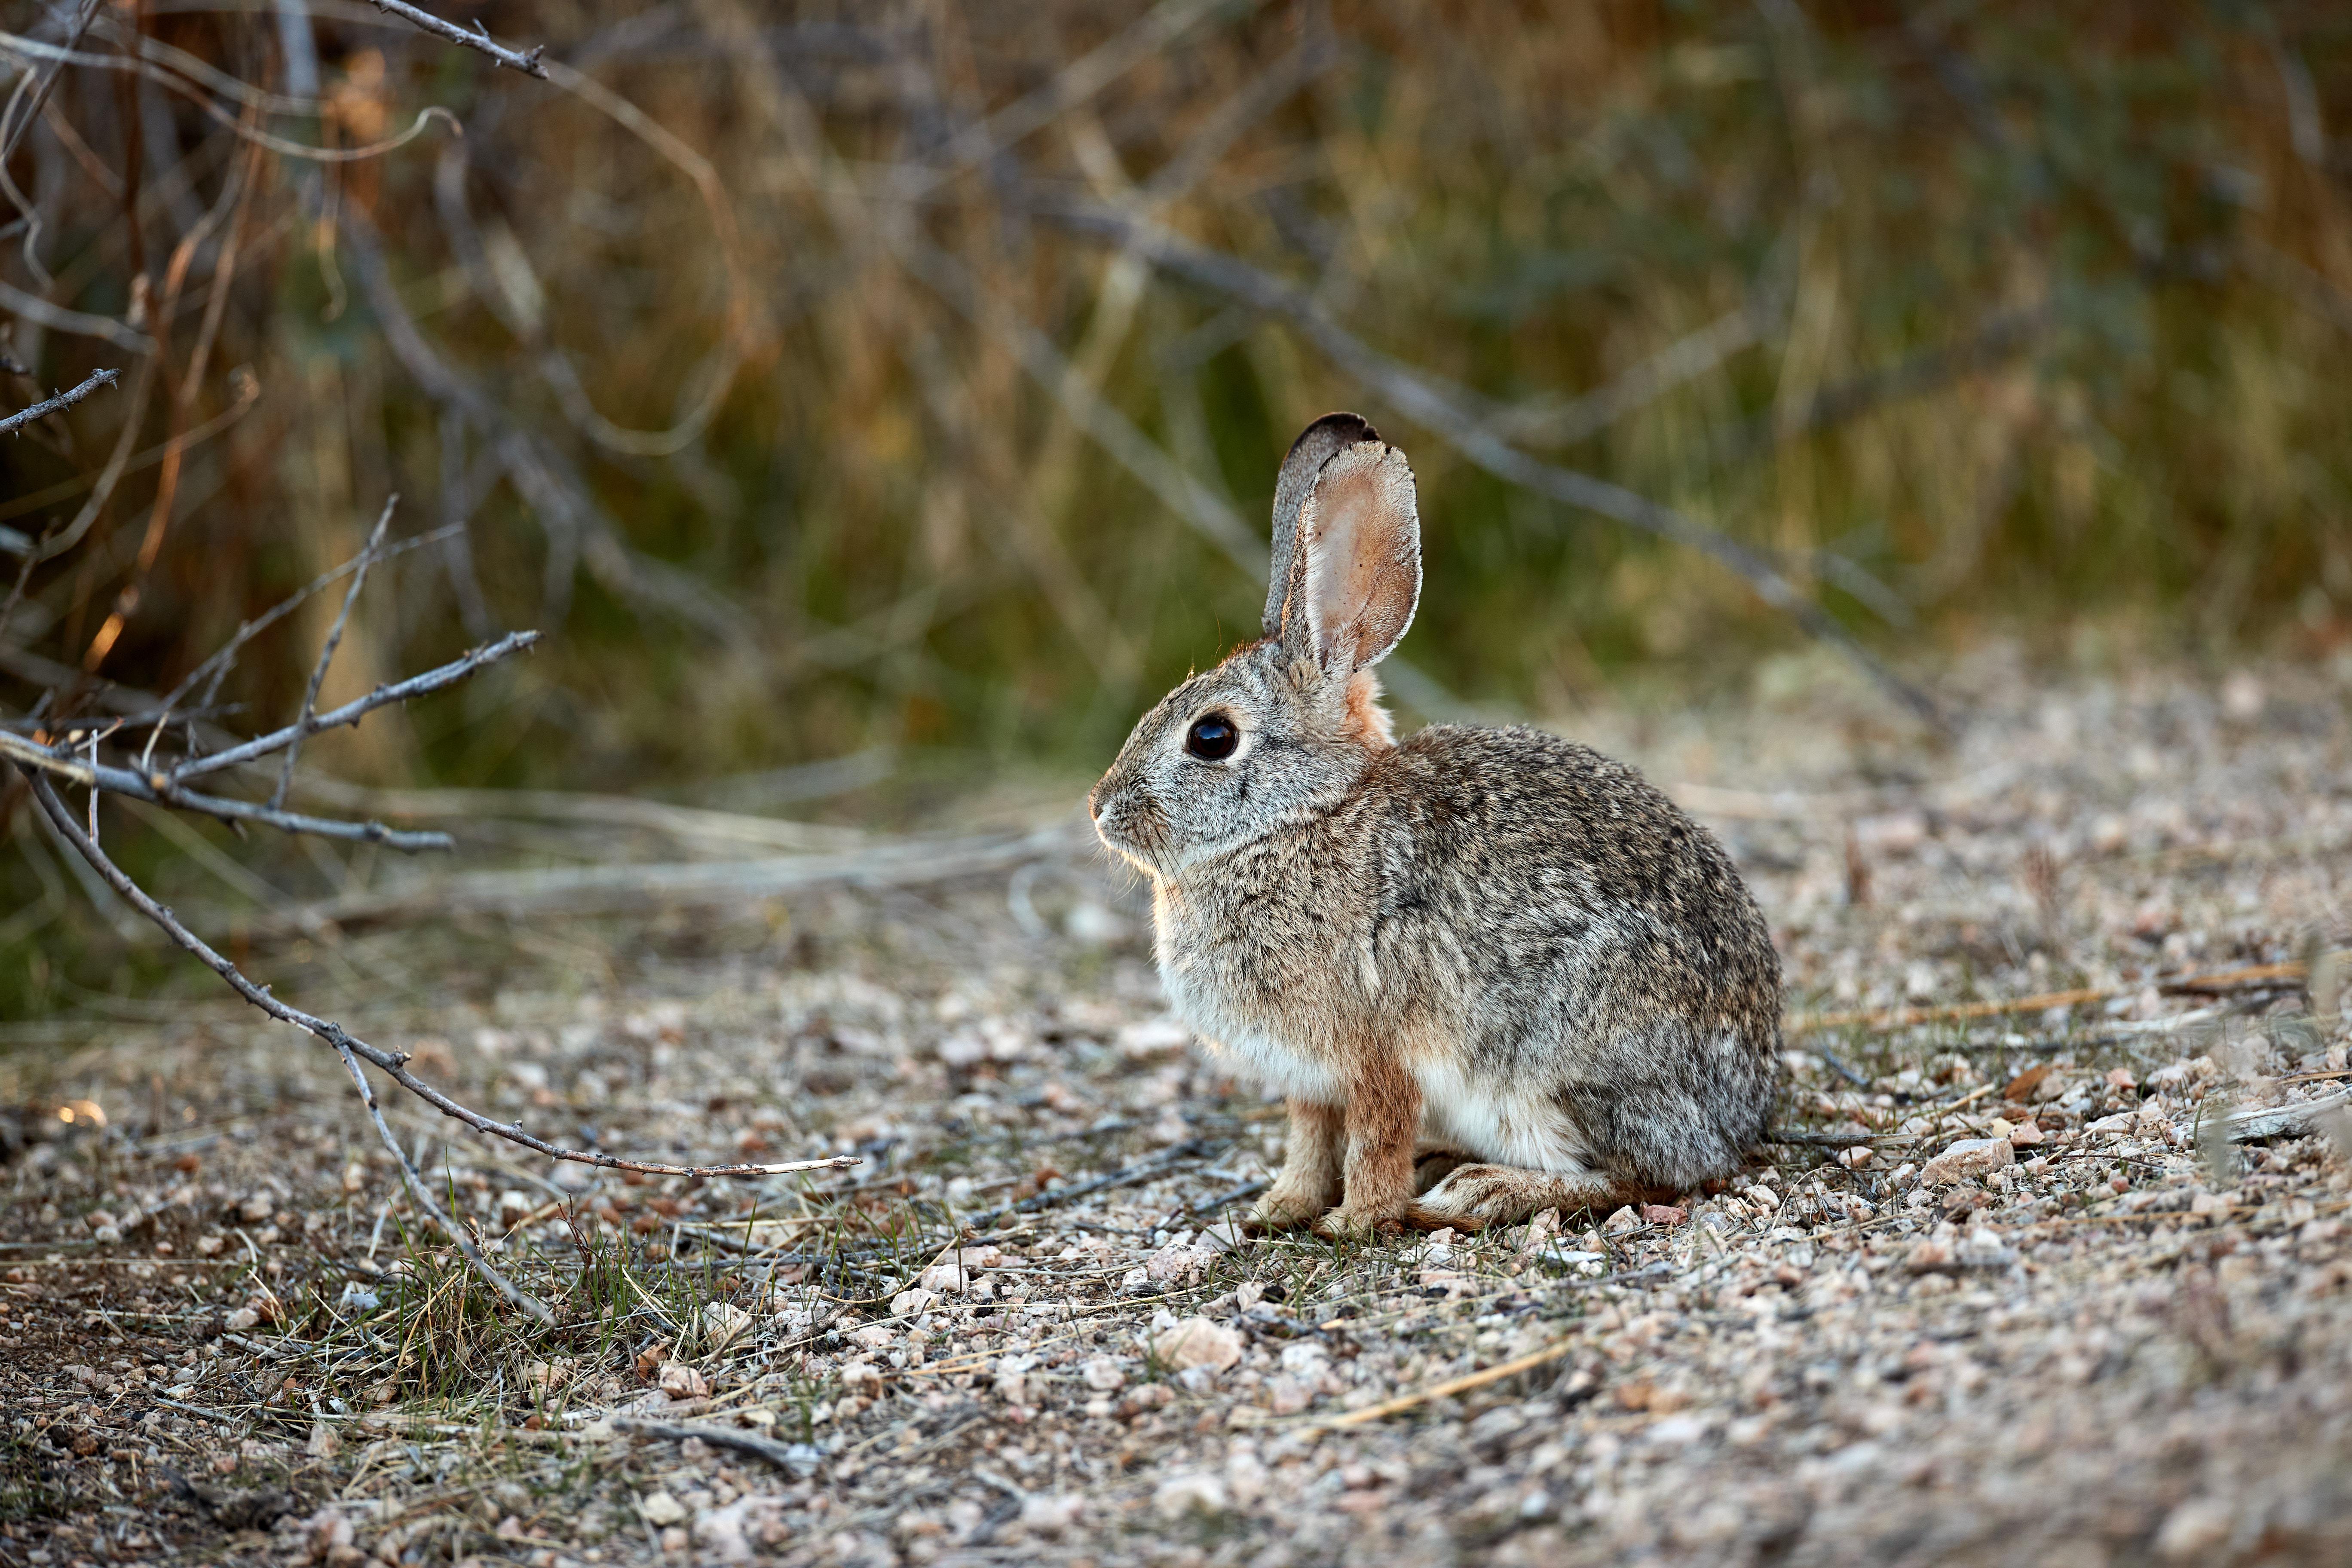 104109 скачать обои Животные, Кролик, Животное, Серый, Милый, Дикая Природа - заставки и картинки бесплатно